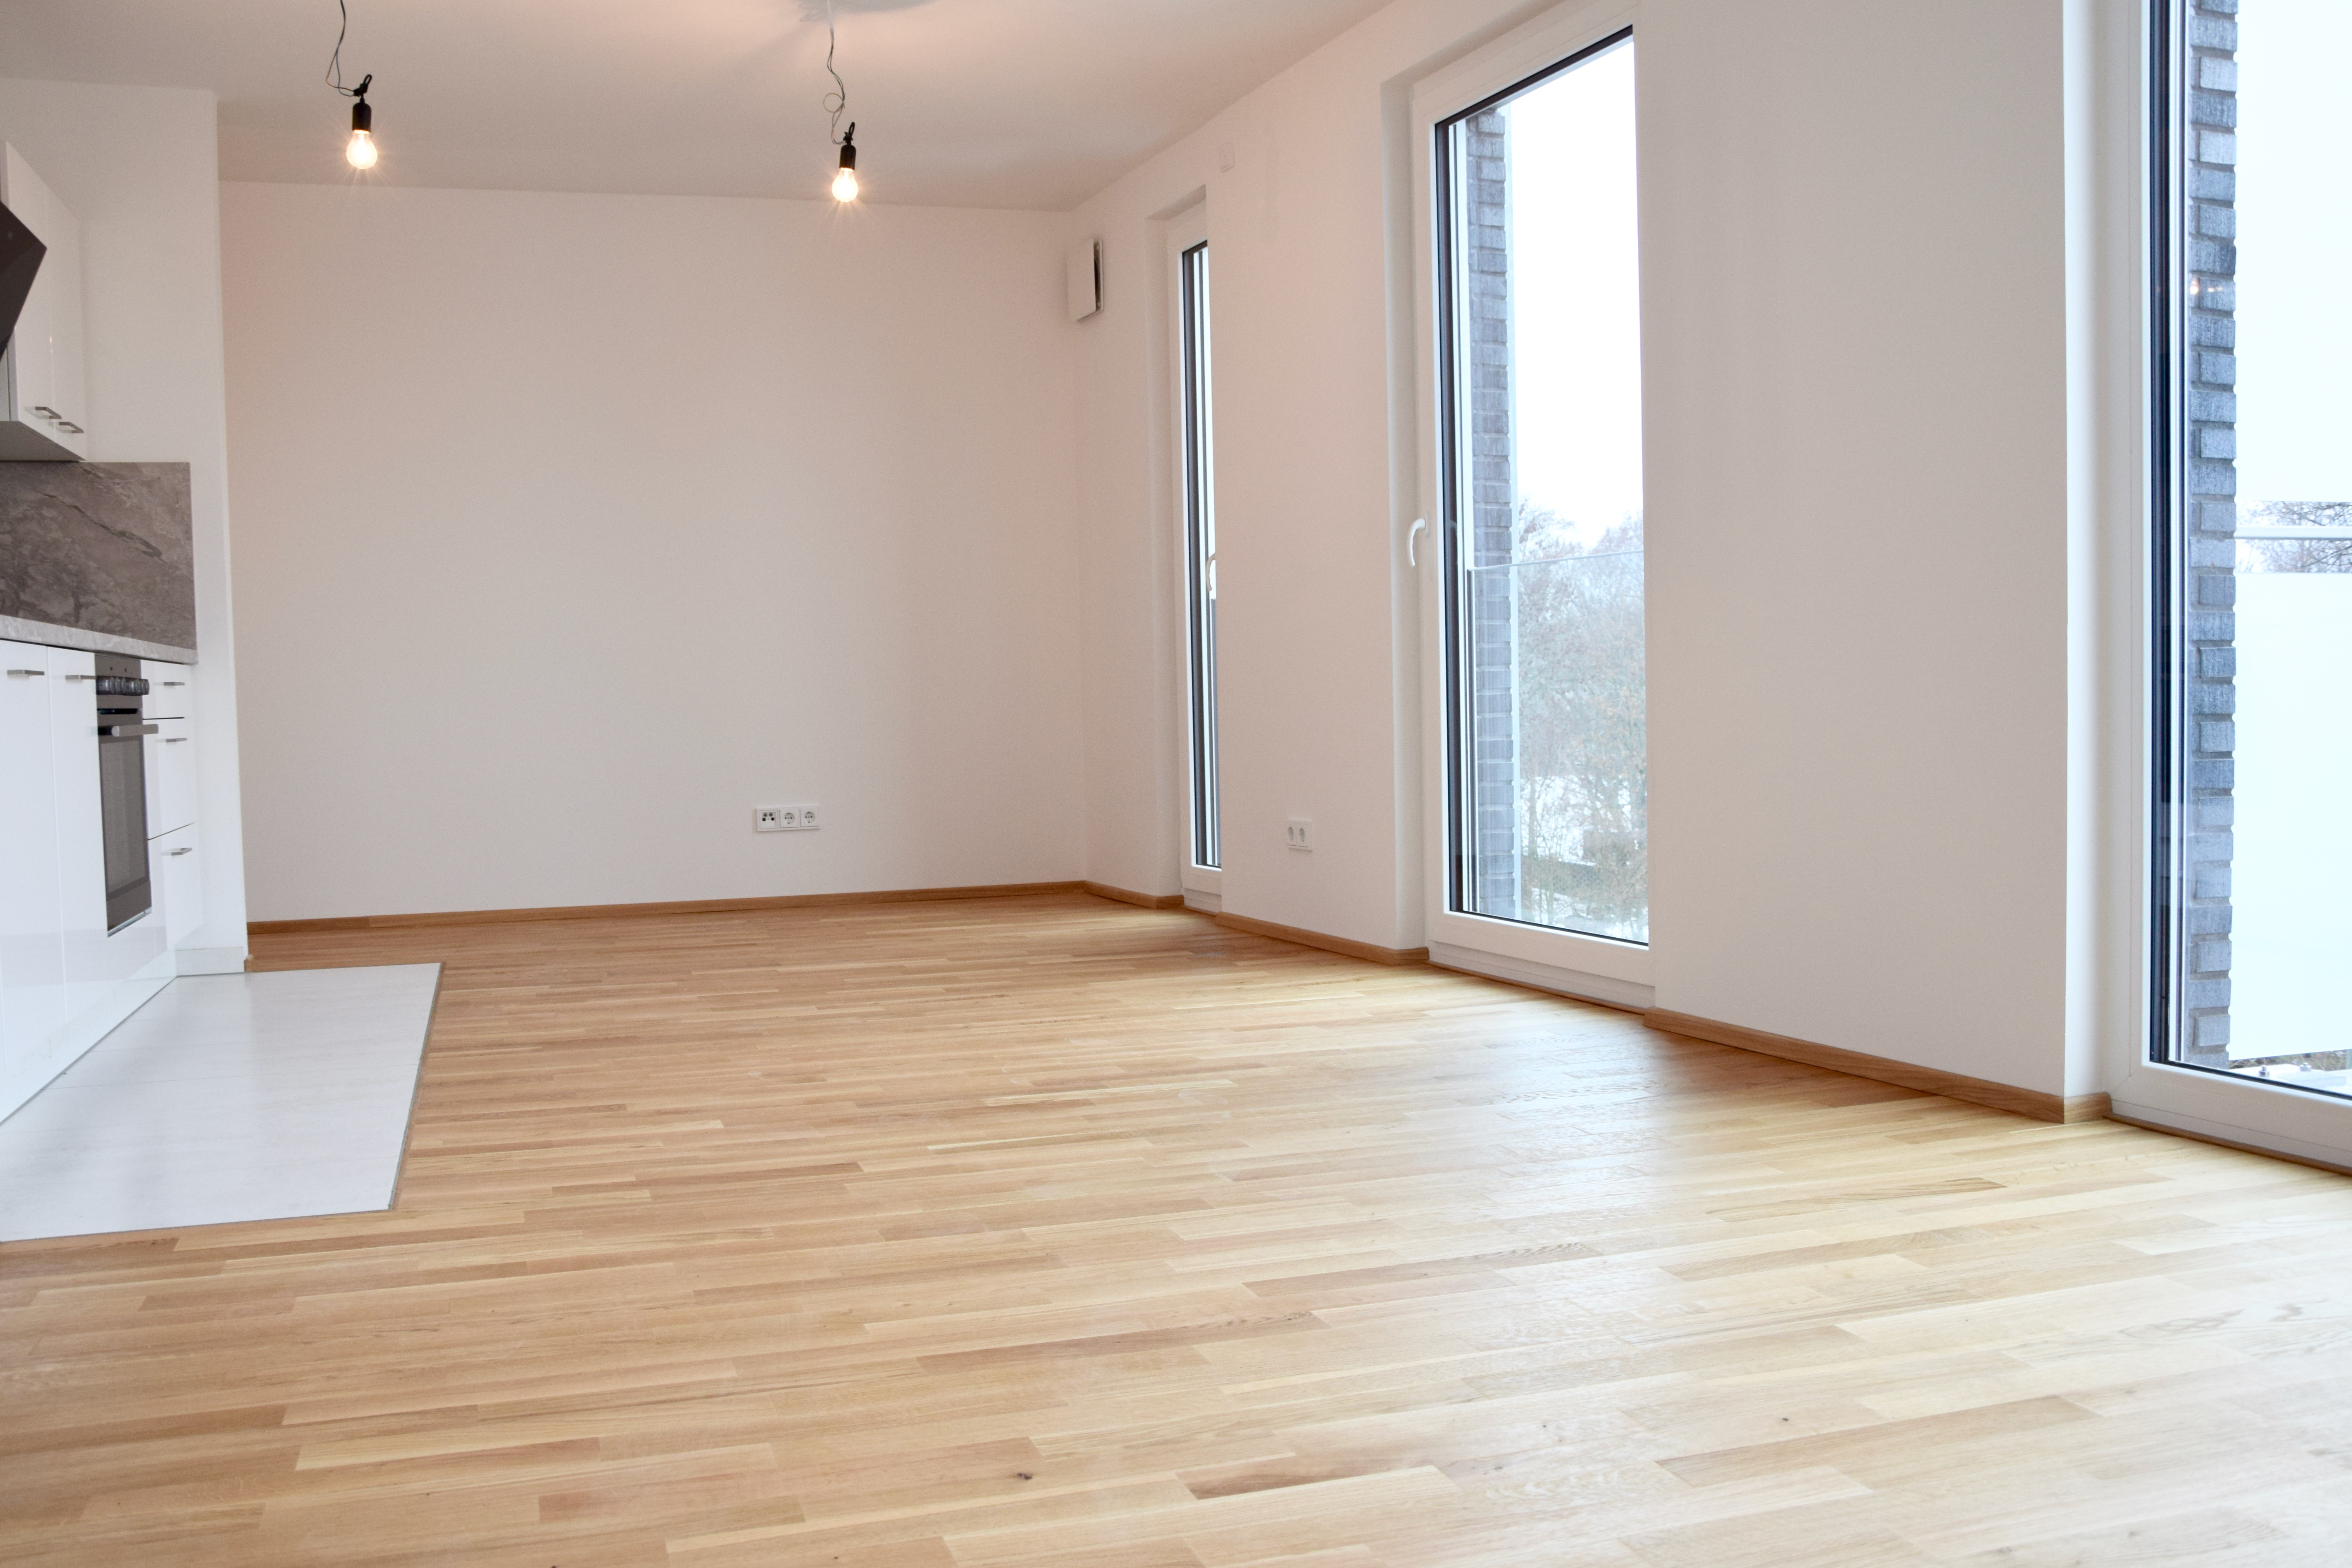 Frankfurt Bockenheim, ab sofort verfügbar: 2 Zimmer Wohnungen ab 57qm - 66qm